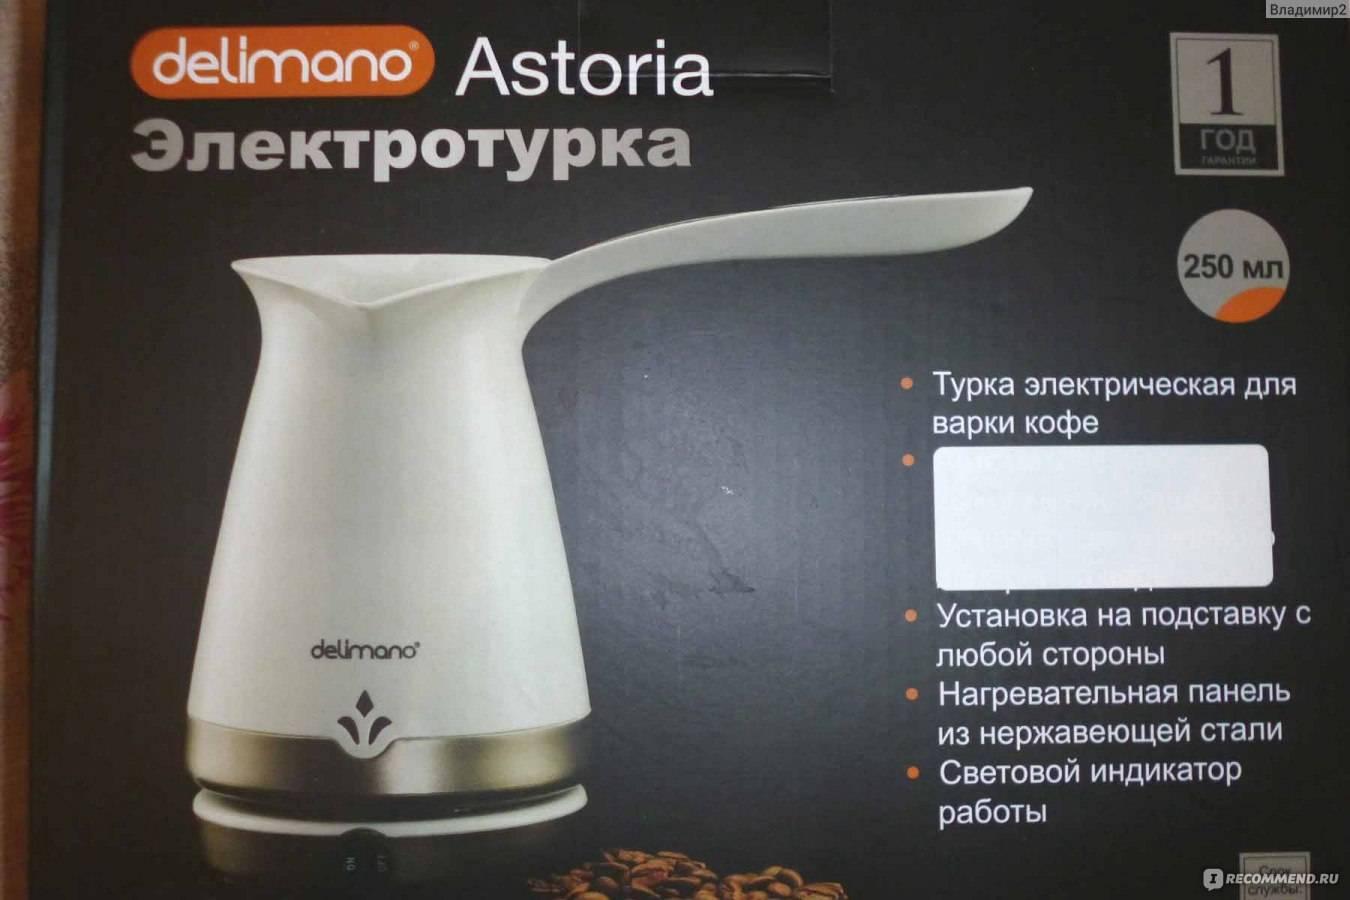 Как выбрать электротурку для кофе – рейтинг лучших электротурок, цены